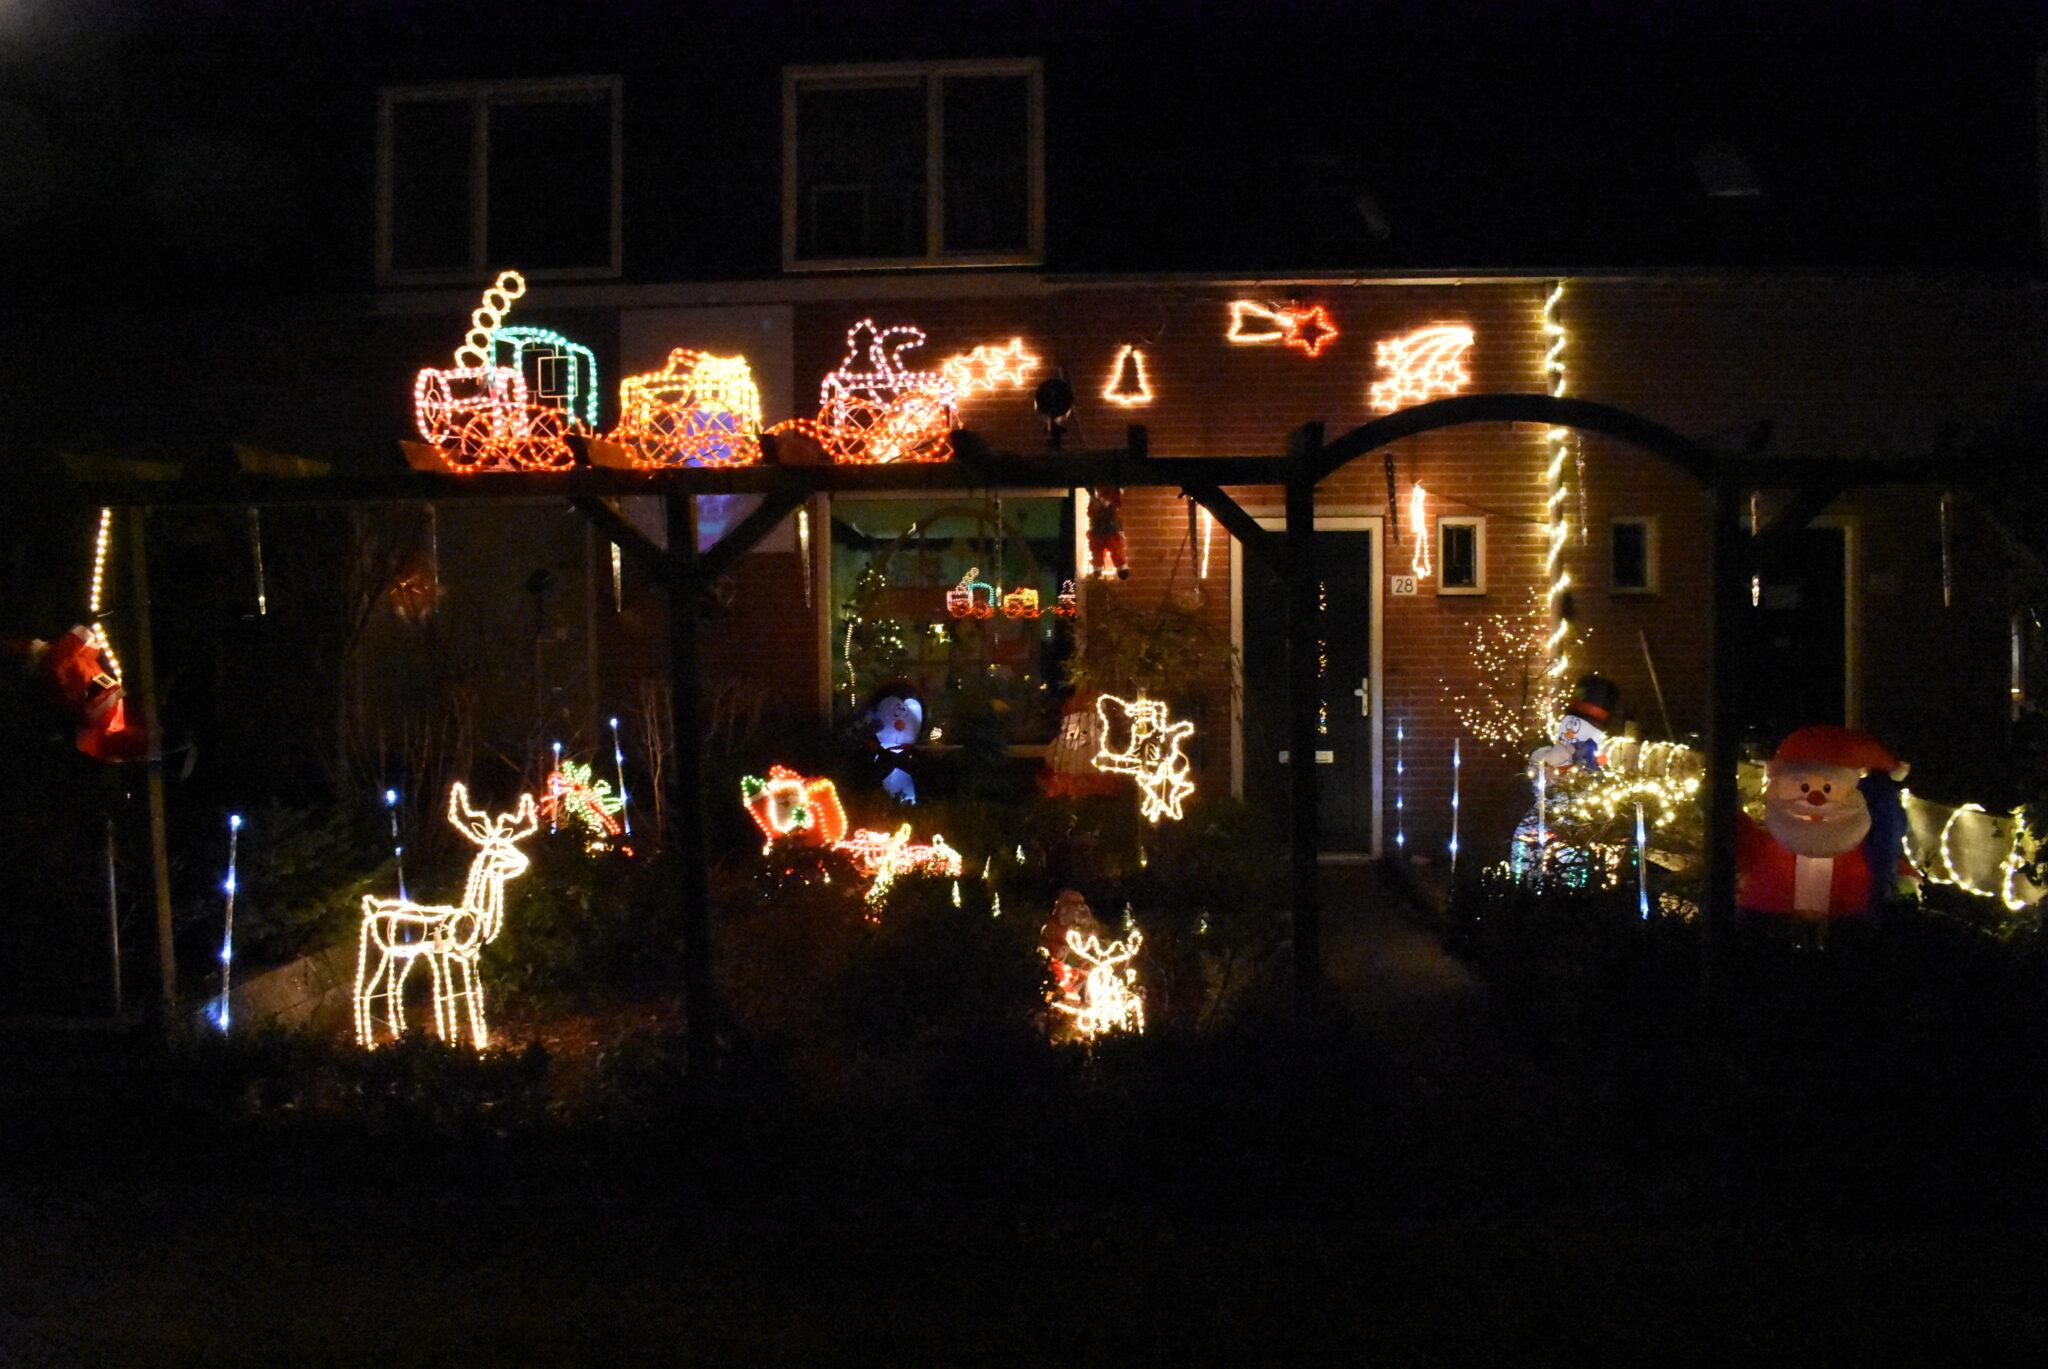 kersthuis oproep binnenkijken harderwijk ermelo putten